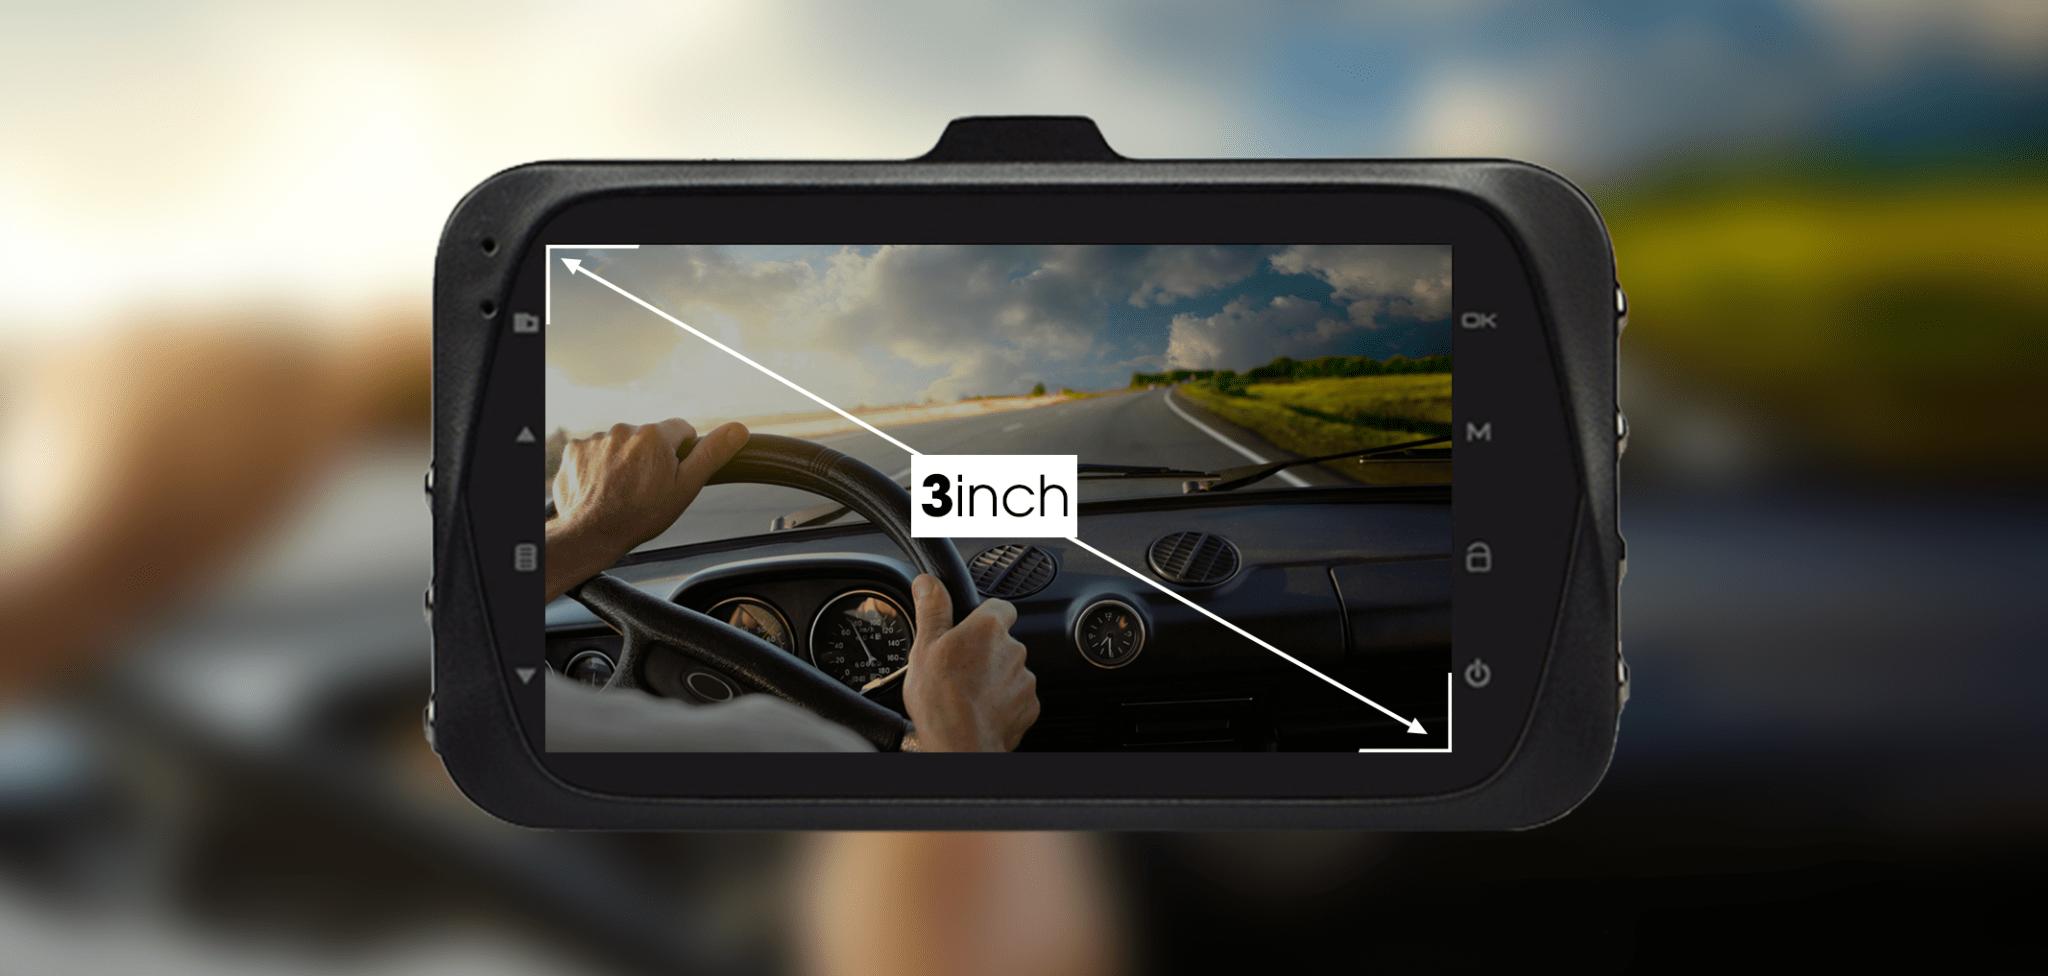 Màn hình LCD 3inch